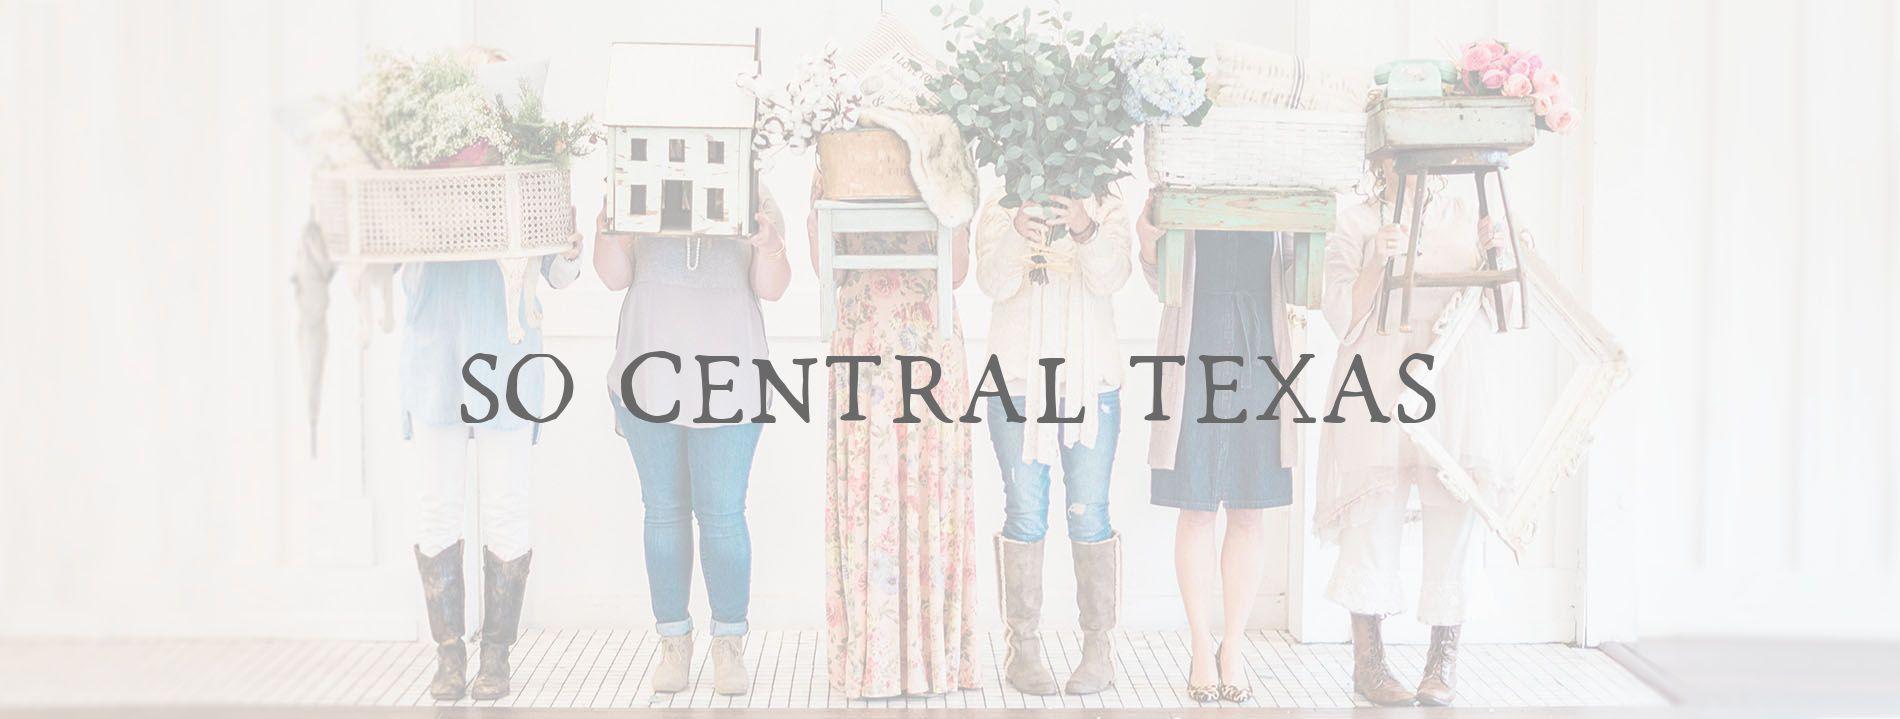 So Central Texas